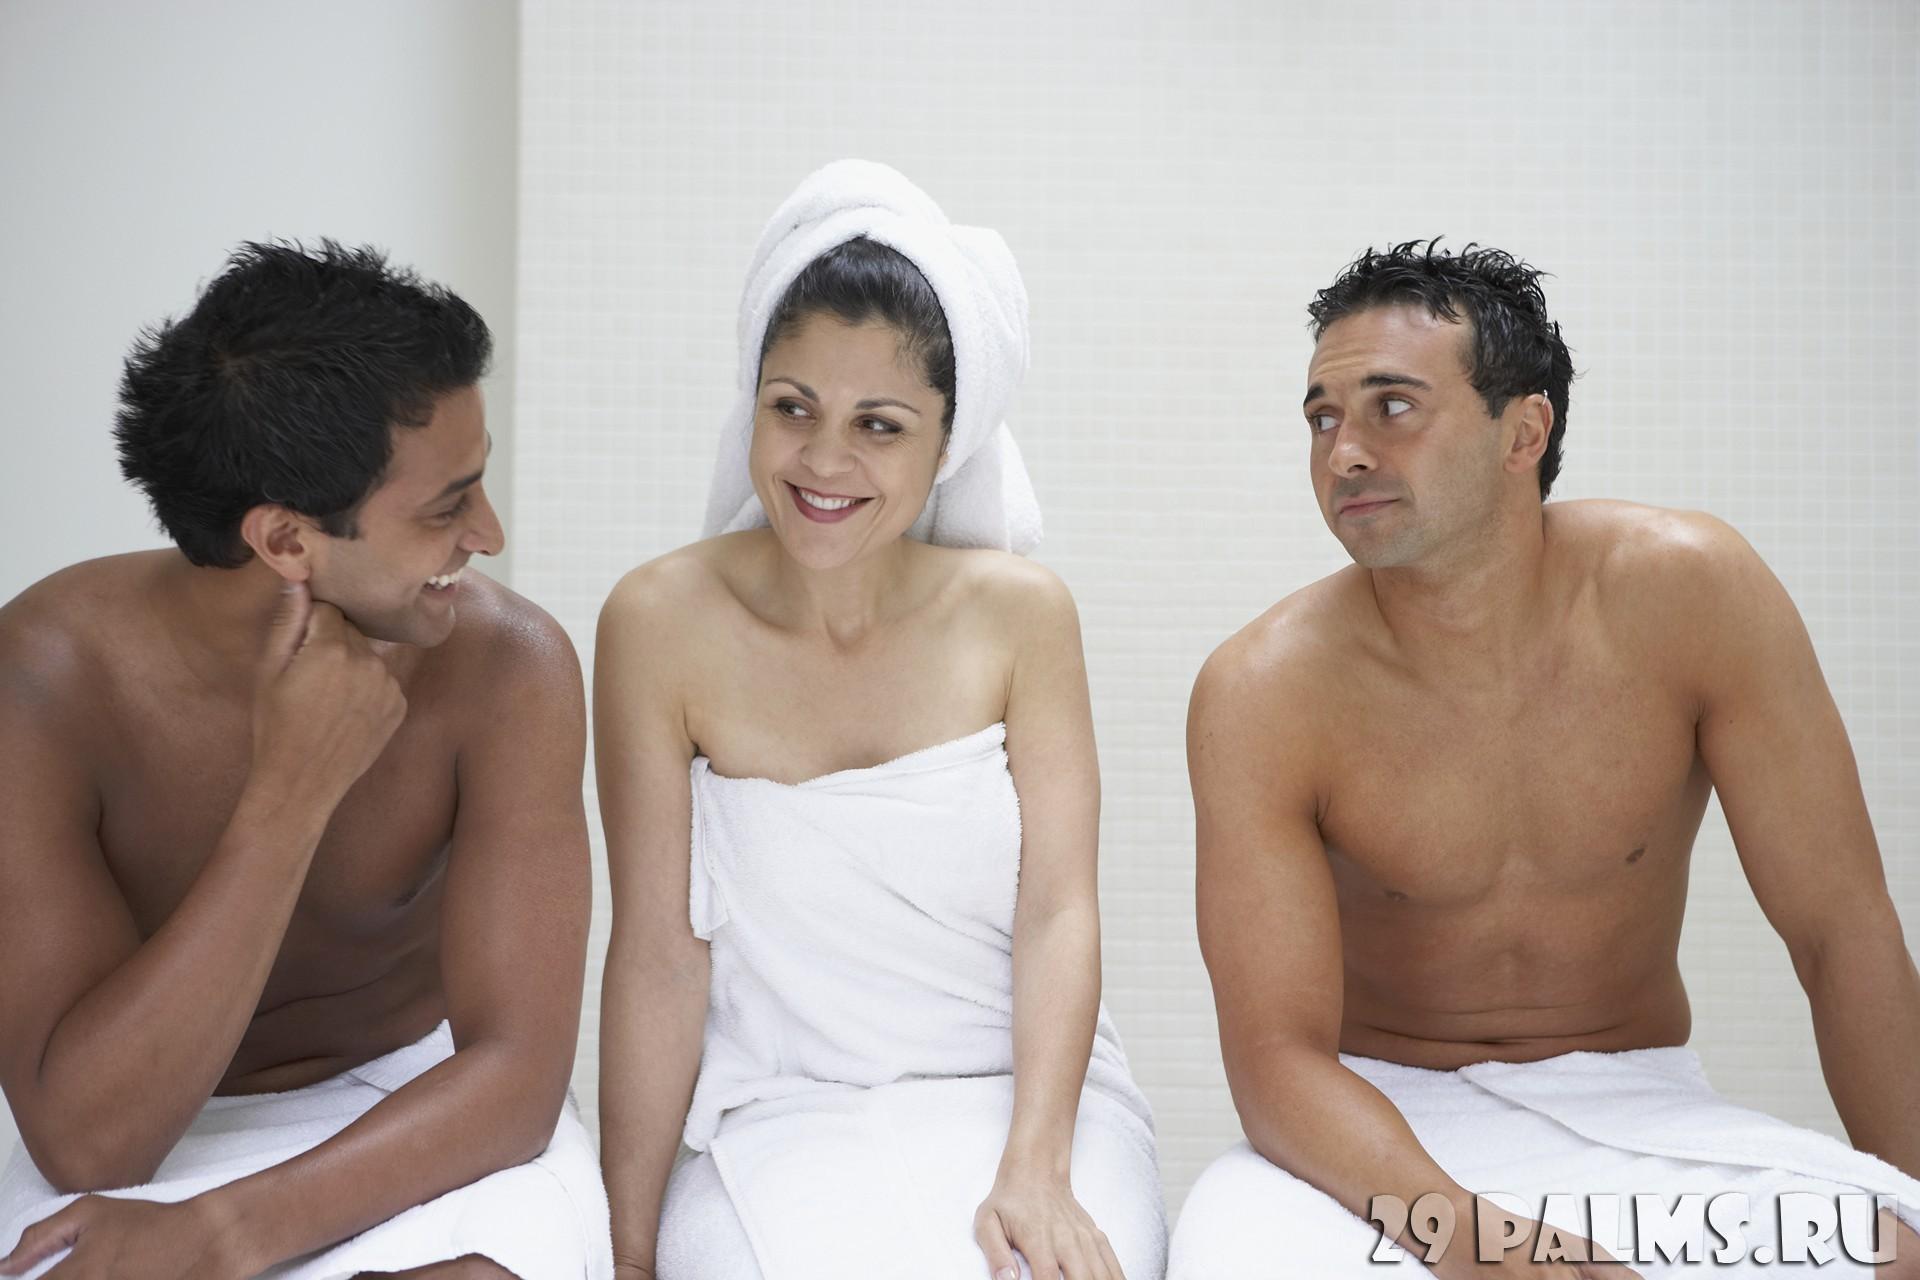 Porno bdsm ролики, Связанные видео, Секс извращения